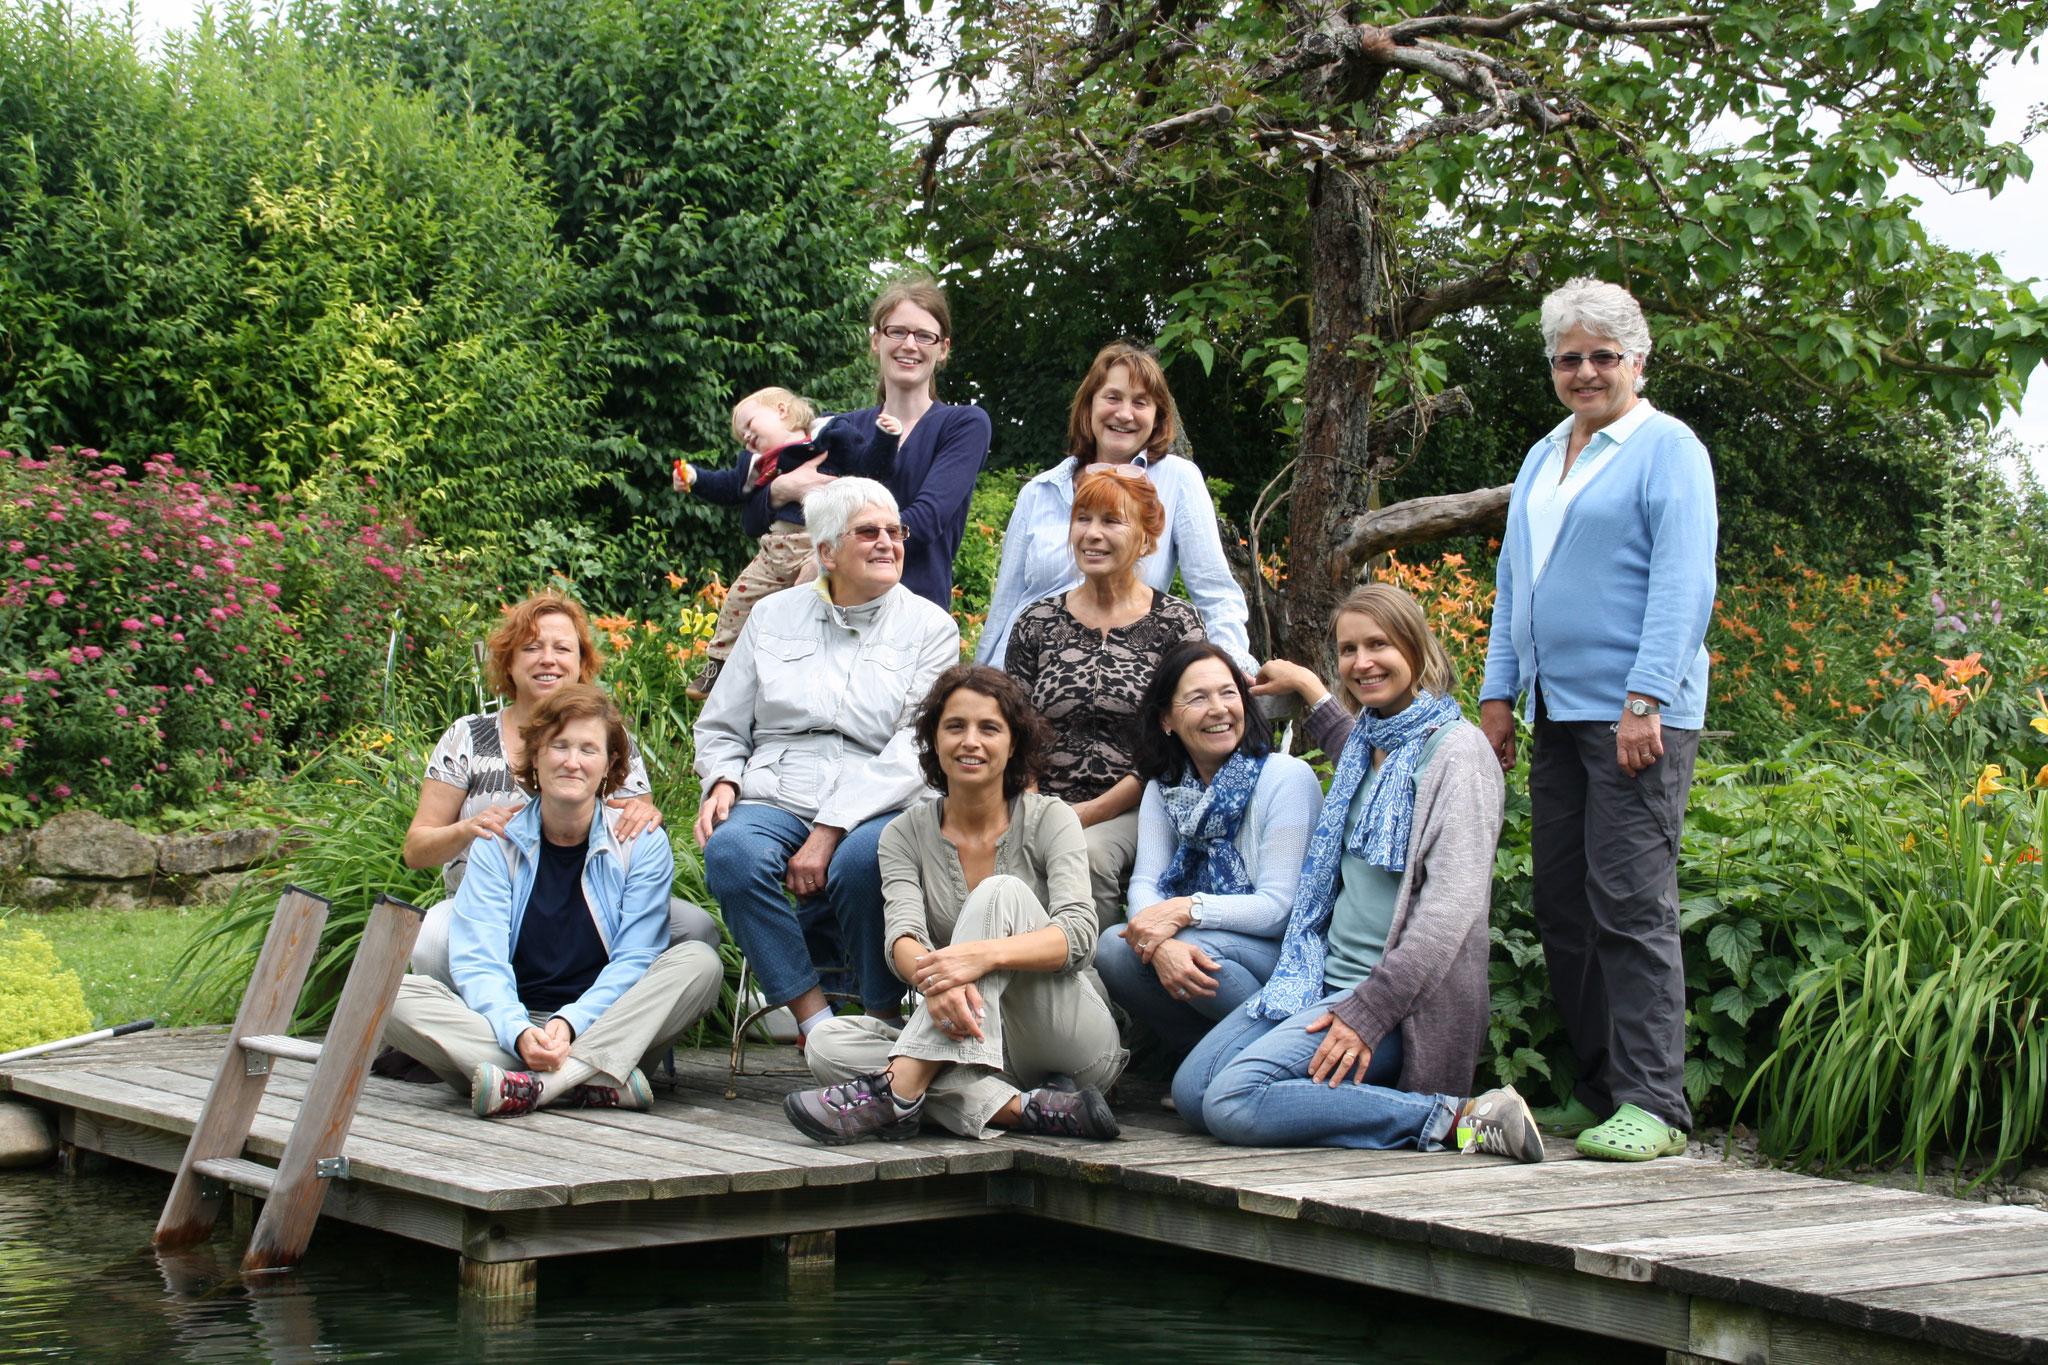 ... nach einer Wanderung im wunderschönen Garten von Annemarie (2015)